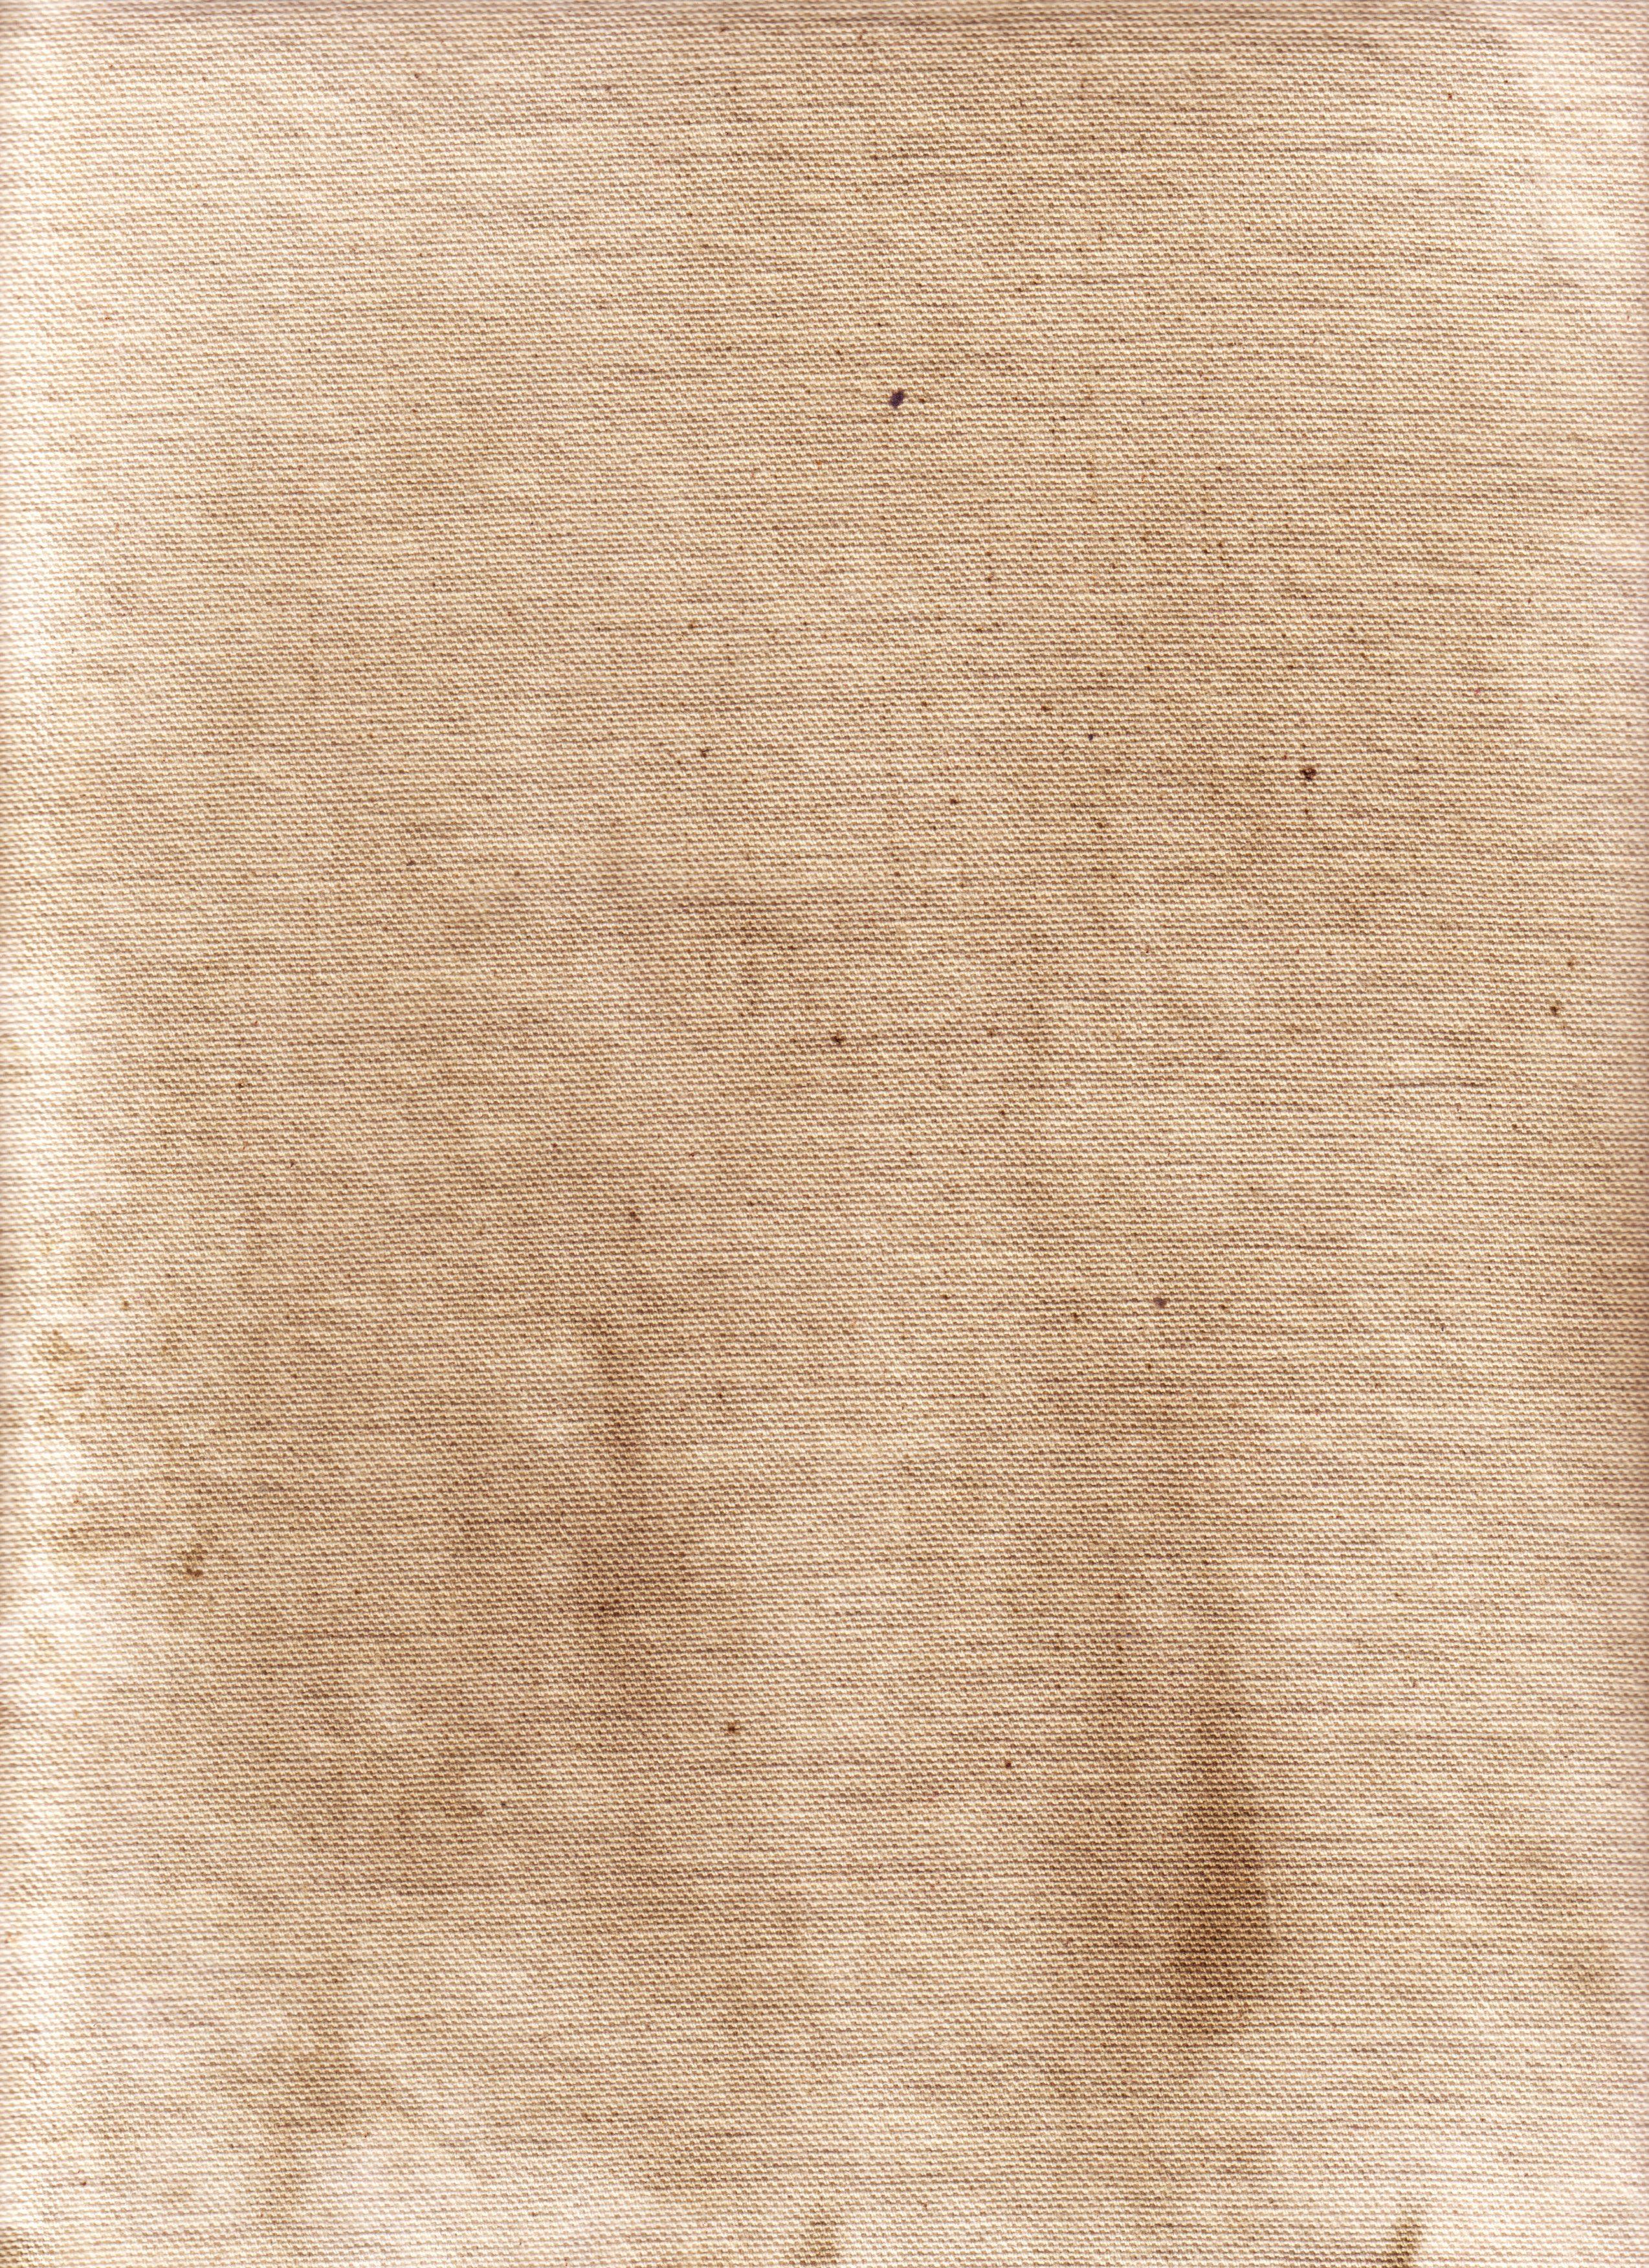 Paper Texture Paper Background Texture Vintage Paper Background Paper Texture